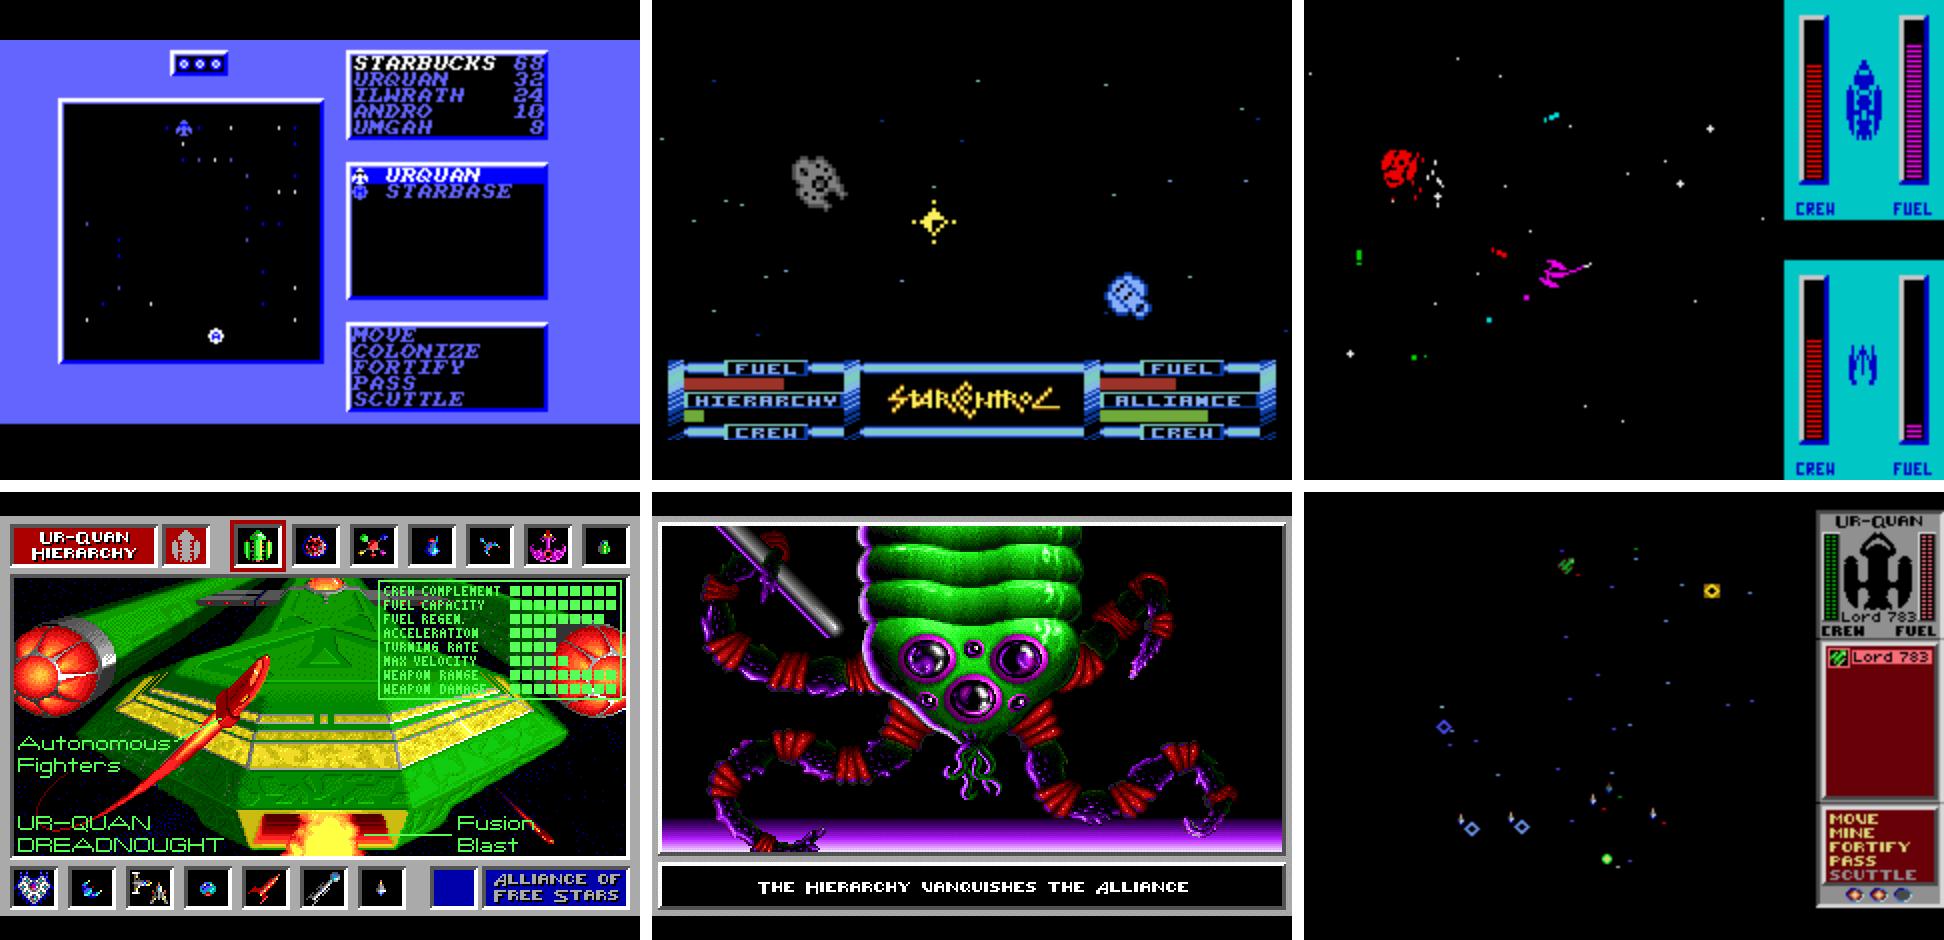 amstrad - c64 - spectrum amiga - pc - mega drive